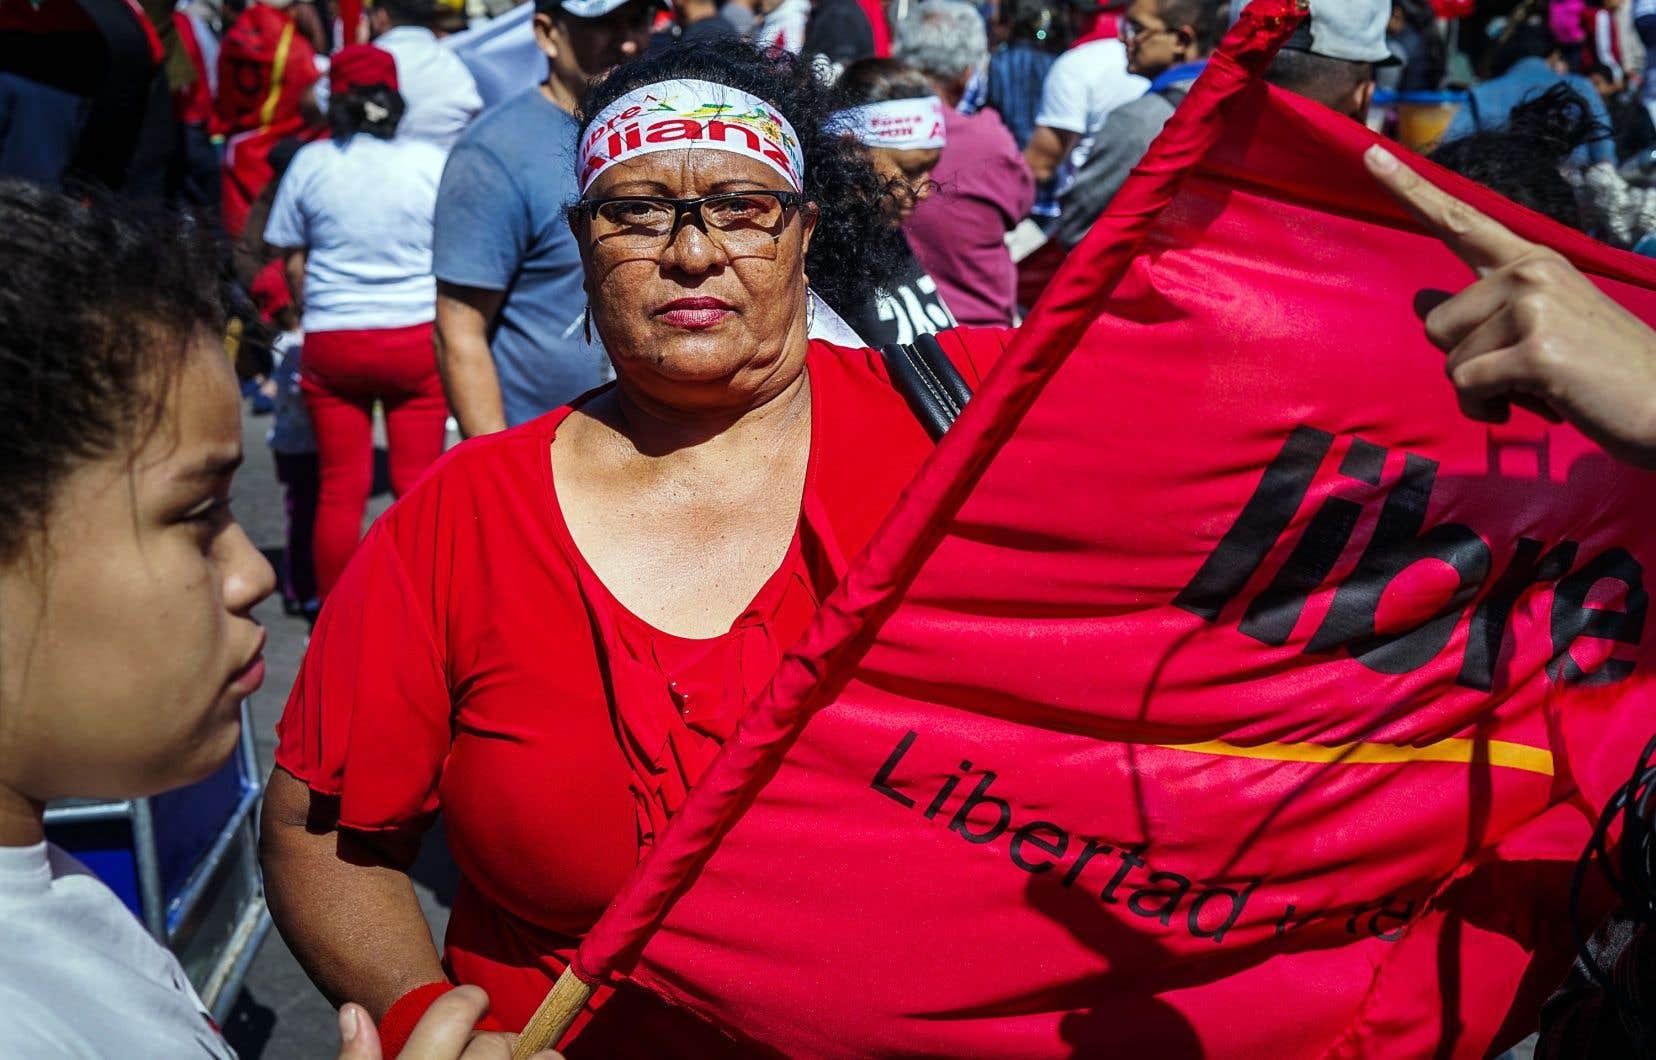 L'Alliance opposée à la dictature a manifesté dans les rues de Tegucigalpa, dimanche, au Honduras.